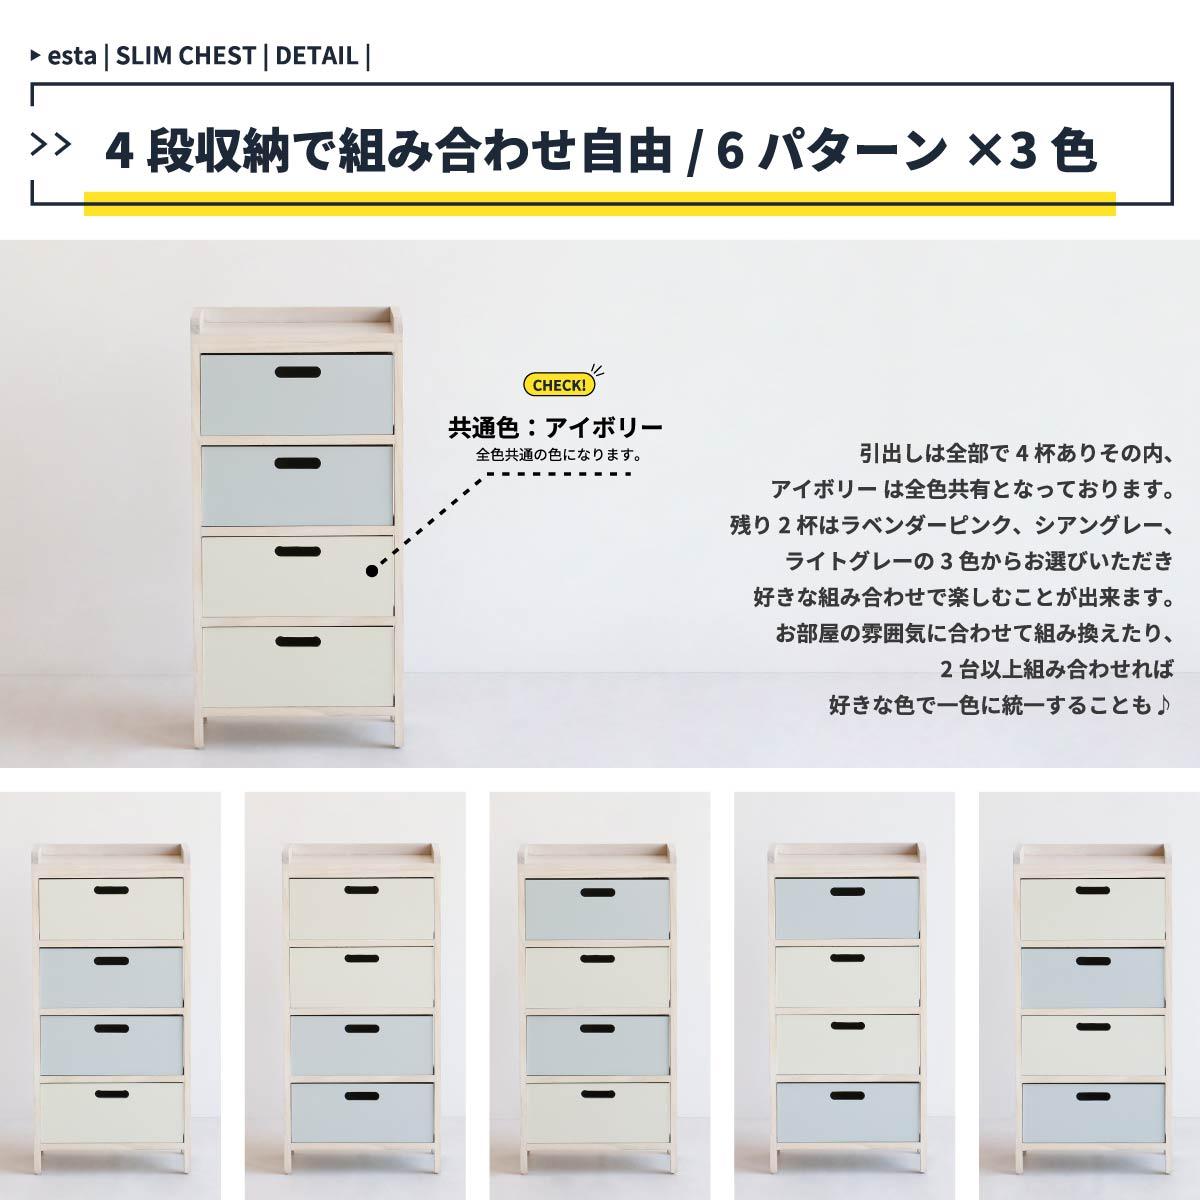 チェスト 4段 完成品 木製 子供部屋 キッズルーム リビングチェスト ミニチェスト コンパクト リビング収納 収納家具 引出し 可愛い かわいい